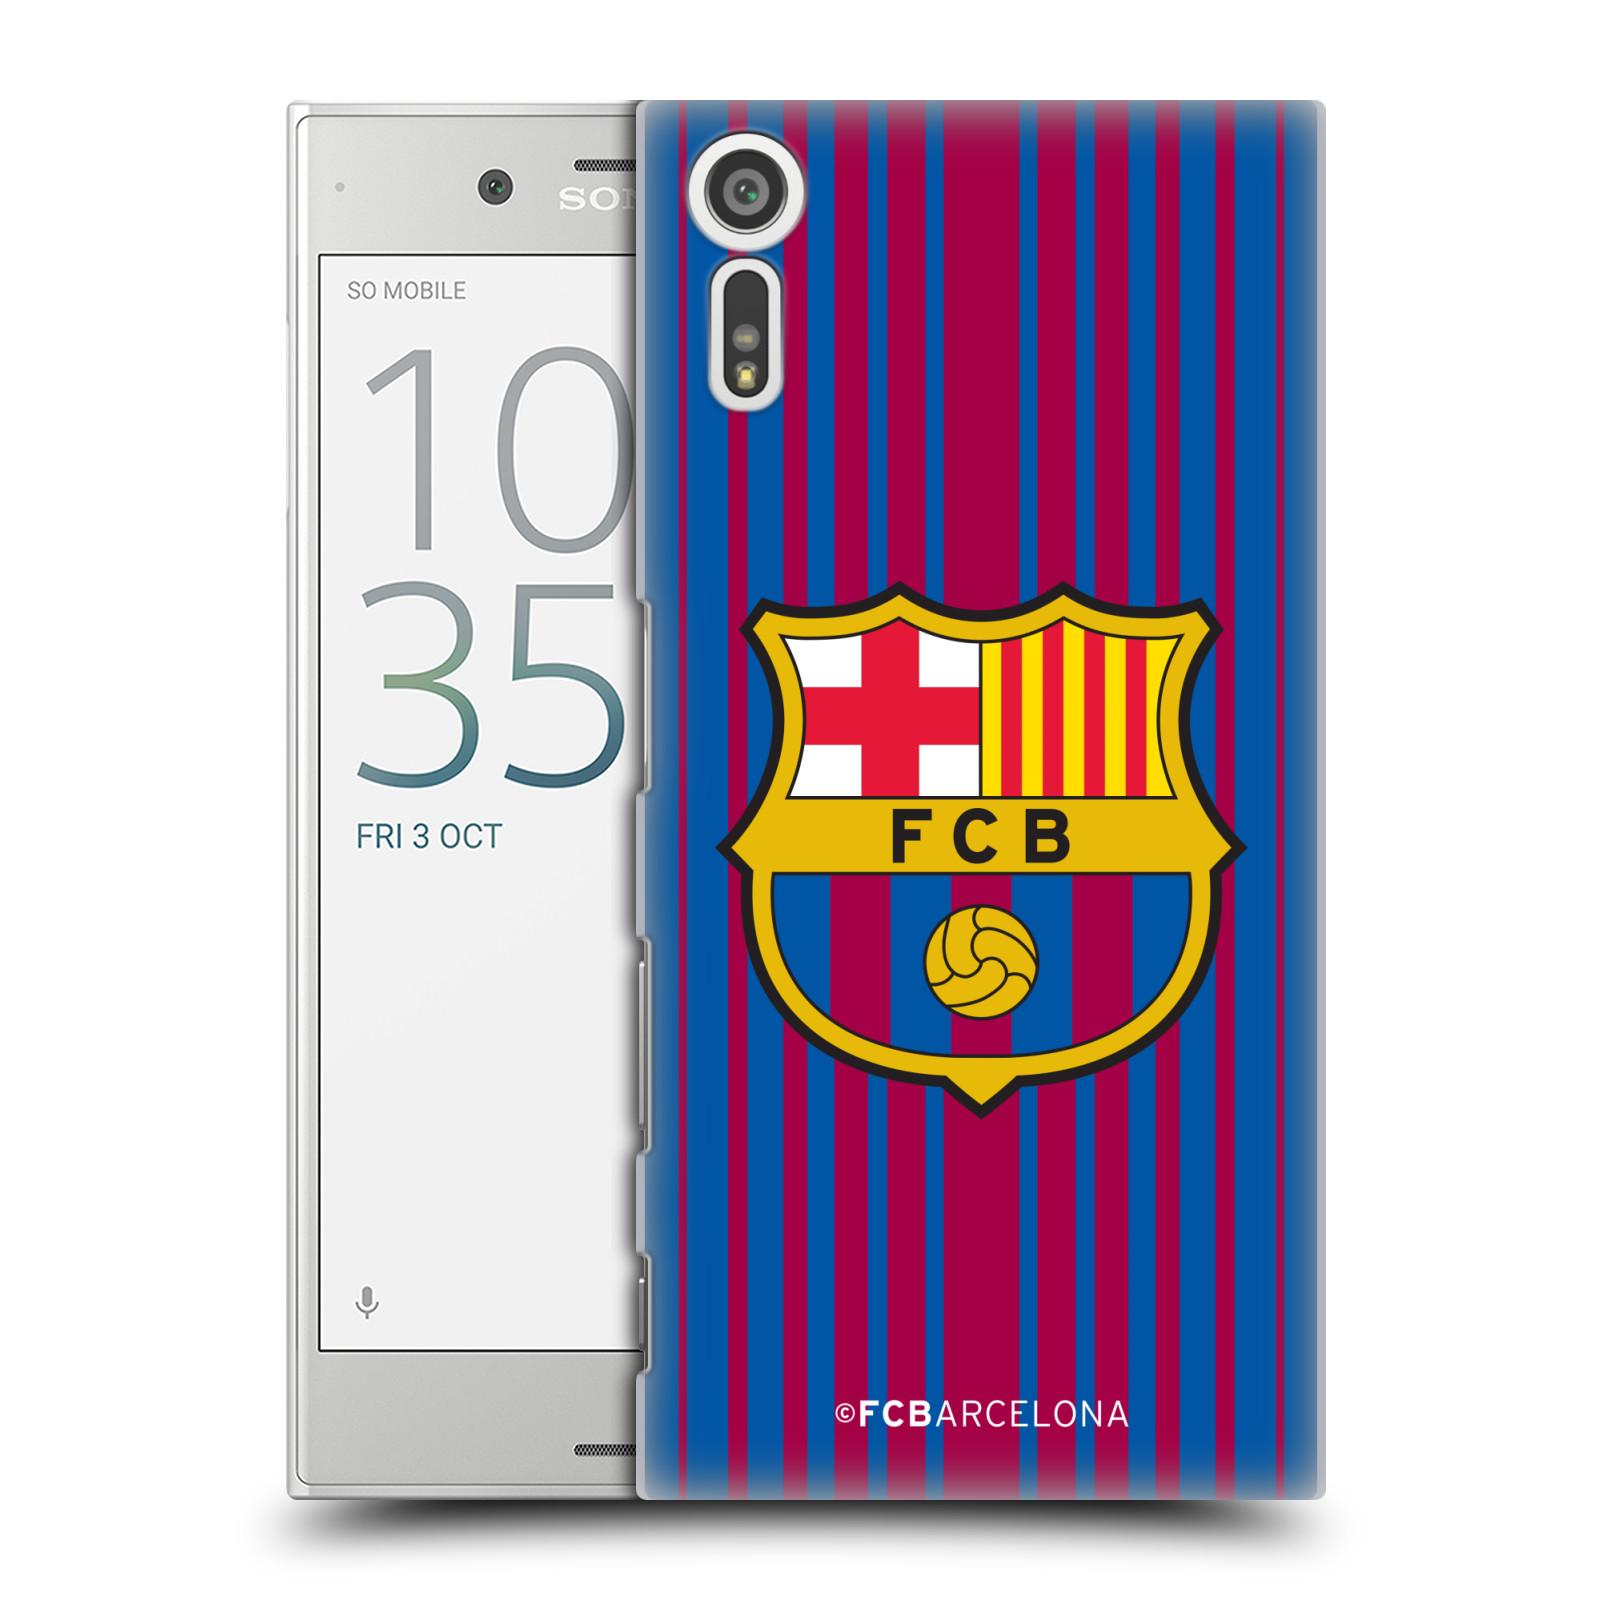 Plastové pouzdro na mobil Sony Xperia XZ - Head Case - FC Barcelona - Logo domácí (Plastový kryt či obal na mobilní telefon s oficiálním licencovaným motivem FC Barcelona - Logo domácí pro Sony Xperia XZ F8331 / Sony Xperia XZ Dual F8332)